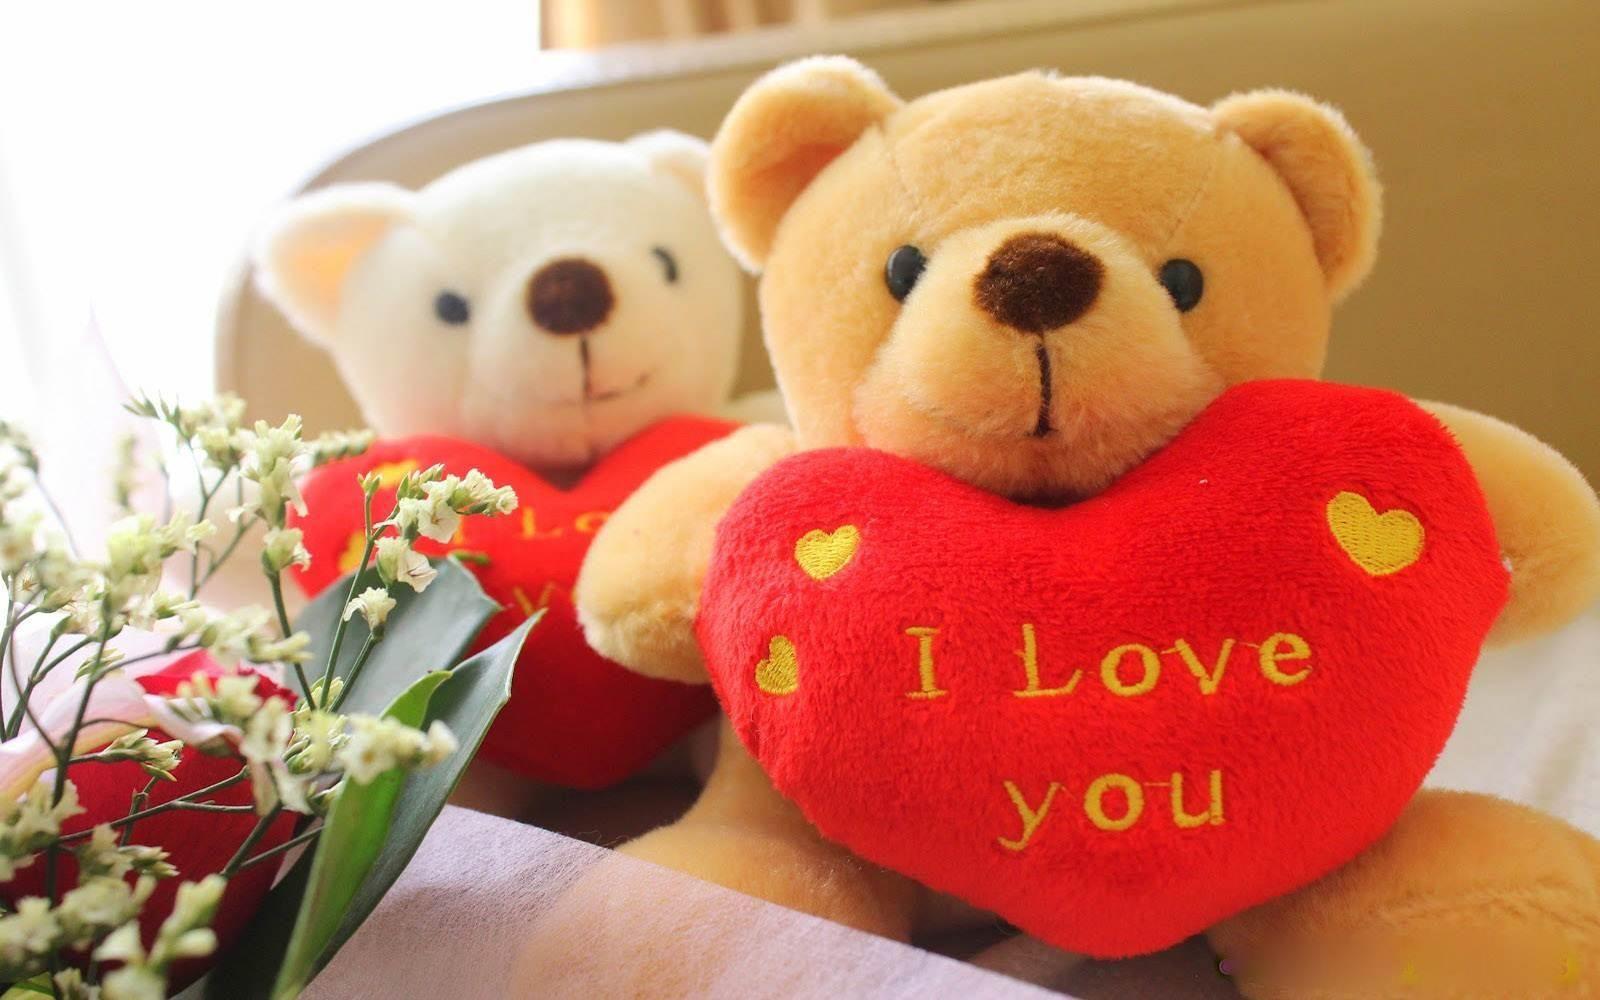 Colecci³n de Imágenes de ositos con frases de amor para descargar gratis al celular para q la partas con tus amigos y con la persona que amas